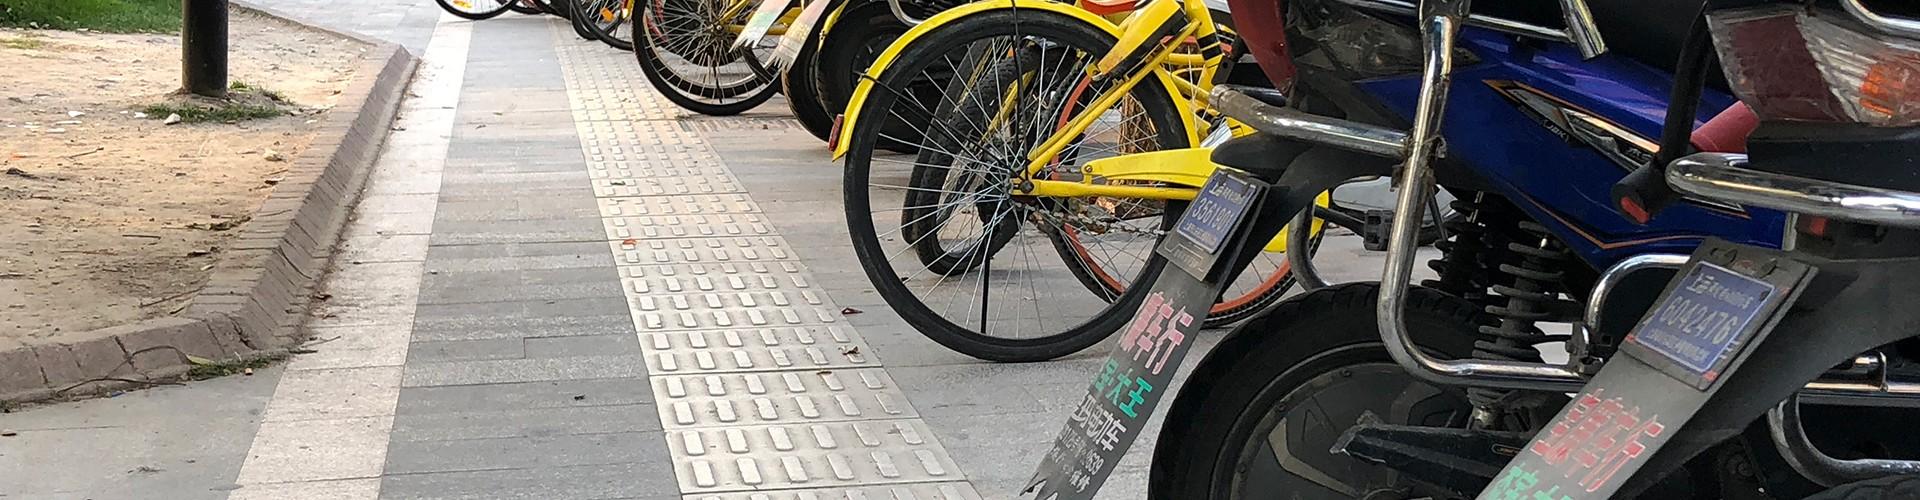 Das taktile Leitsystem am Gehsteig wird von ganz vielen Mopeds und gelben Fahrrädern blockiert. Auch zum vorbei gehen bleibt nur noch weniger als 1 Meter Platz.